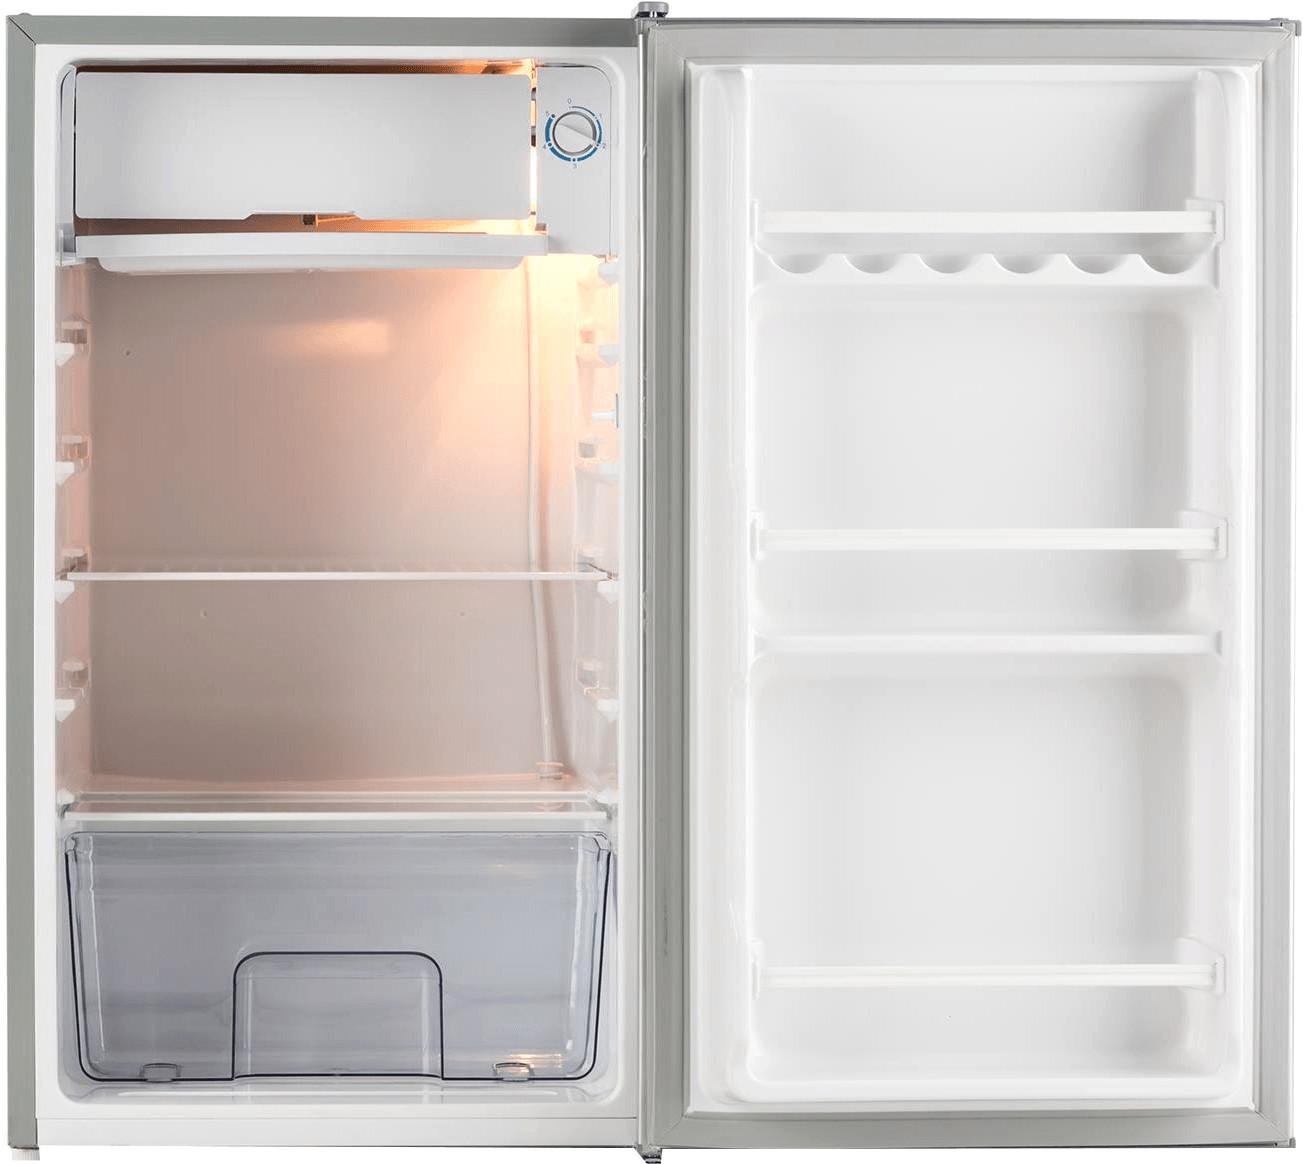 K Hlschrank Mit Eisw Rfelspender großartig bomann mini kühlschrank fotos die besten wohnideen kinjolas com